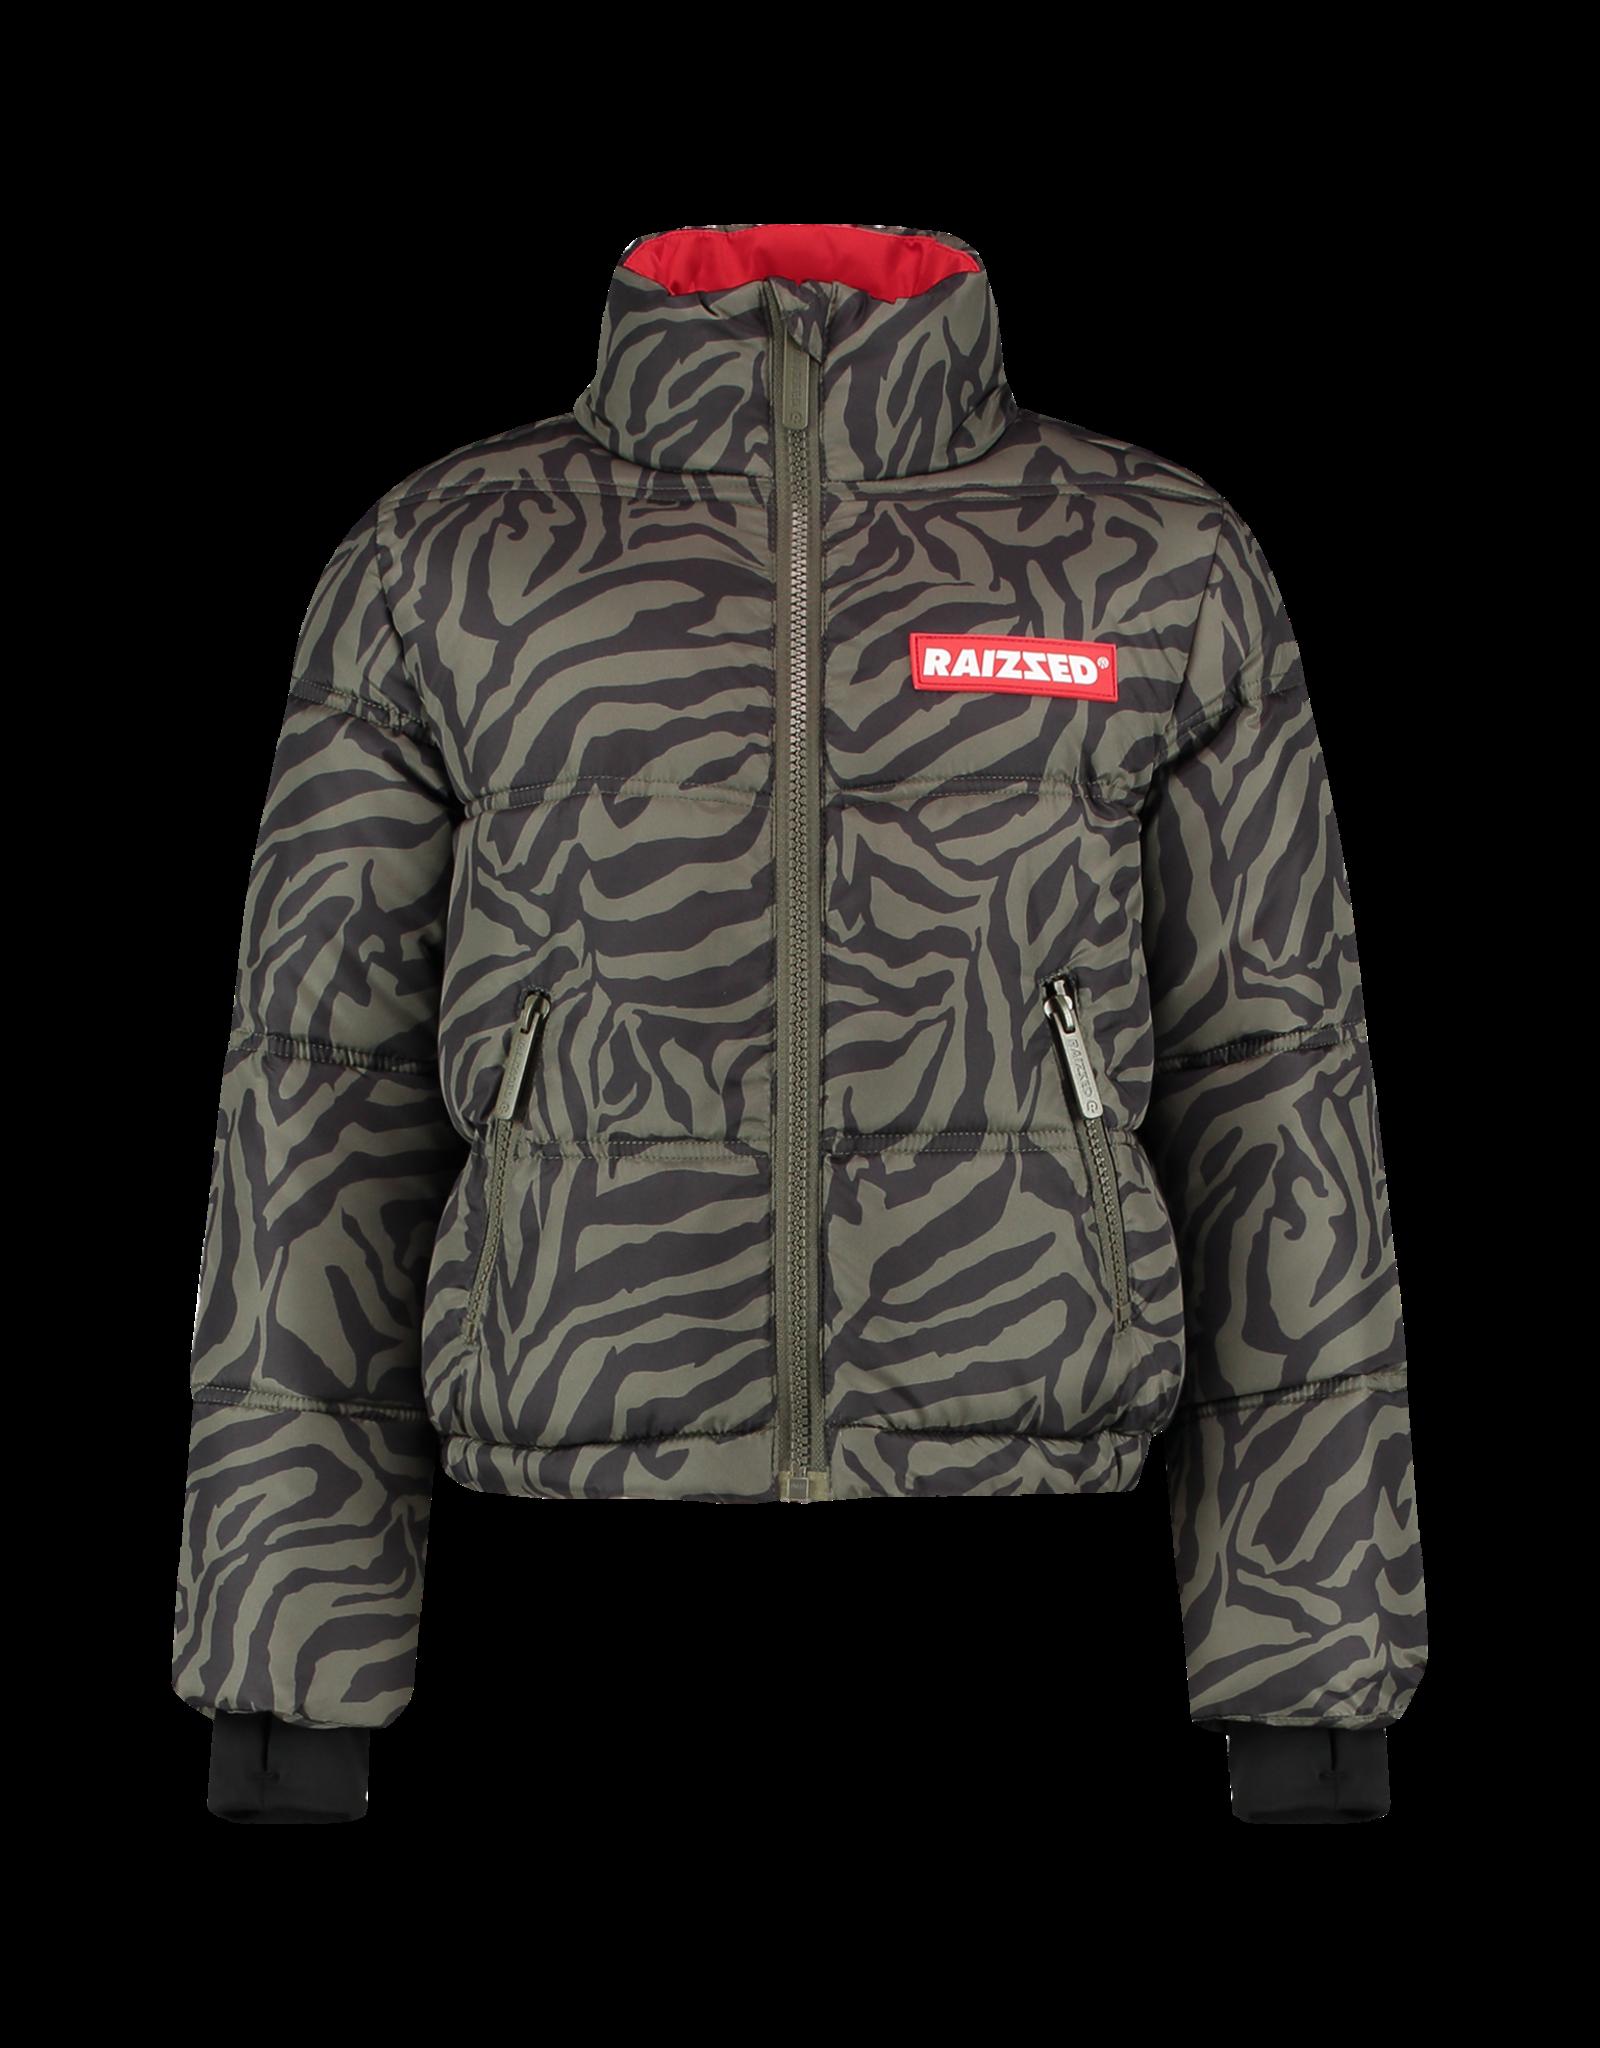 Raizzed Raizzed meiden winterjas Lima Army Zebra